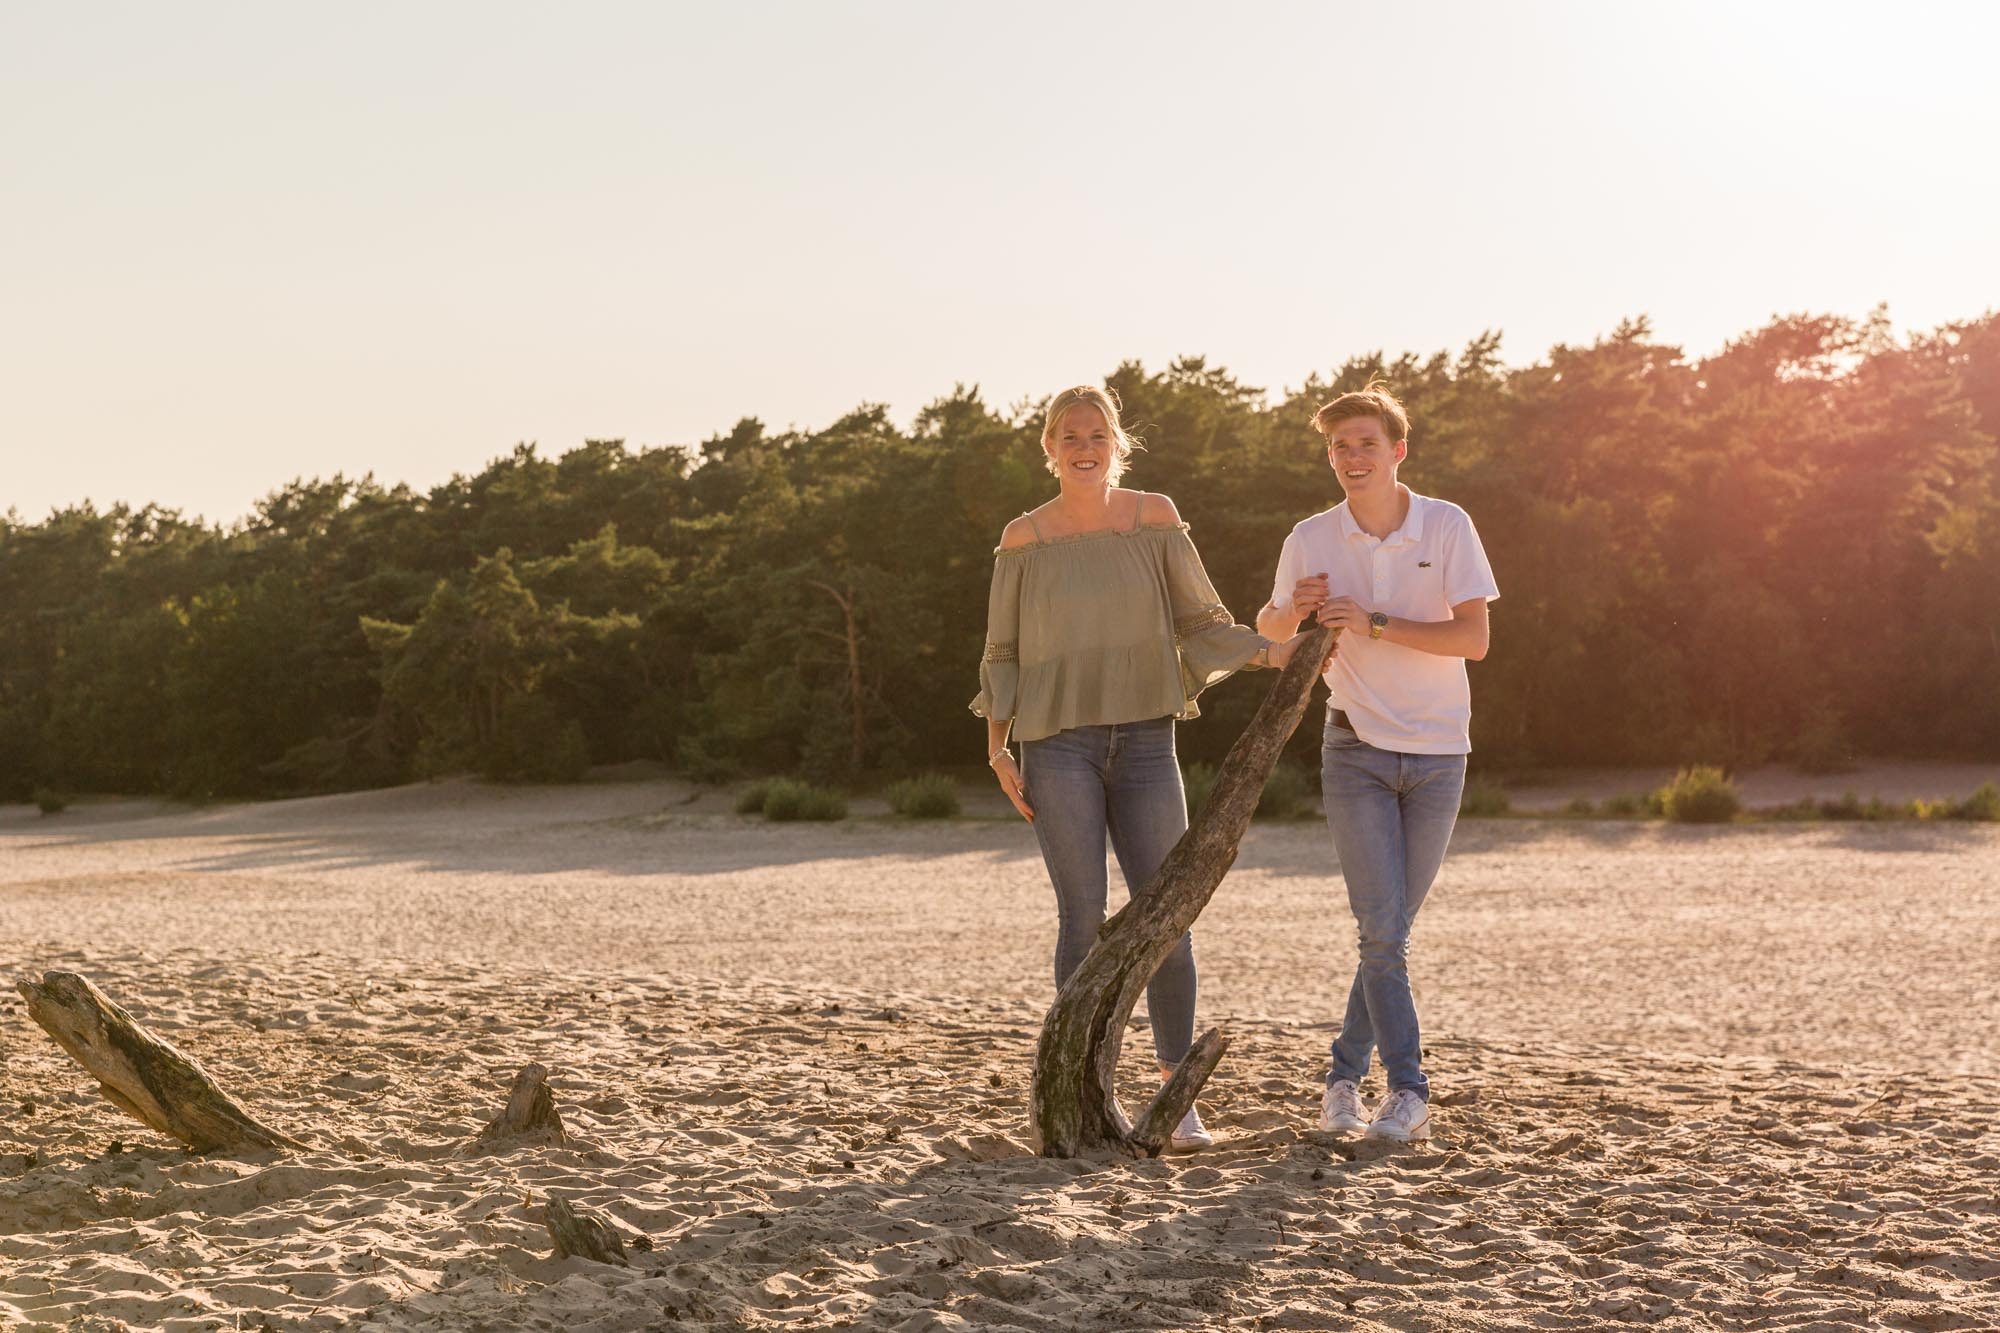 Gezinsfotograaf in Amersfoort, Nijkerk, Hoevelaken en omgeving, voor gezinsreportage. Gezinsfotoshoot door Mayra Fotografie. Soesterduinen fotoshoot